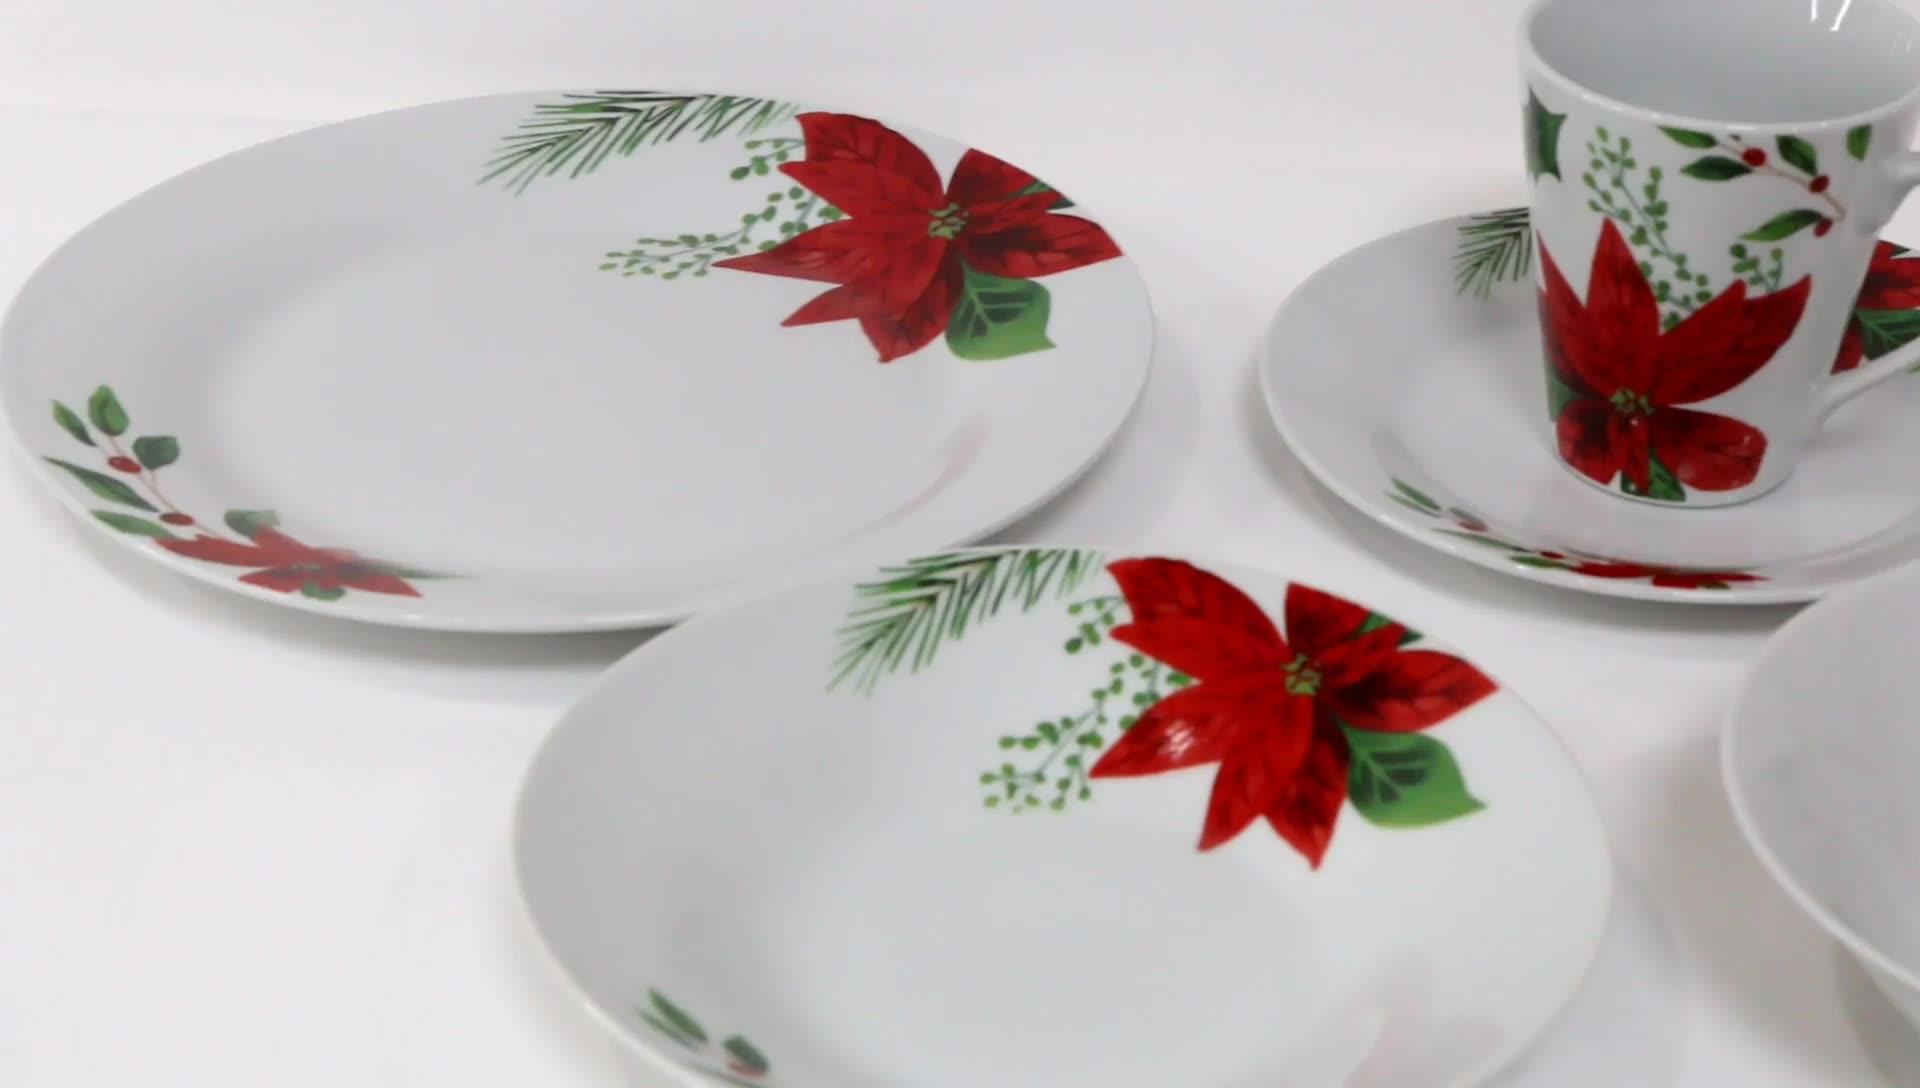 Для использования в ресторанах столовый сервиз, китайская посуда, набор фарфоровой посуды